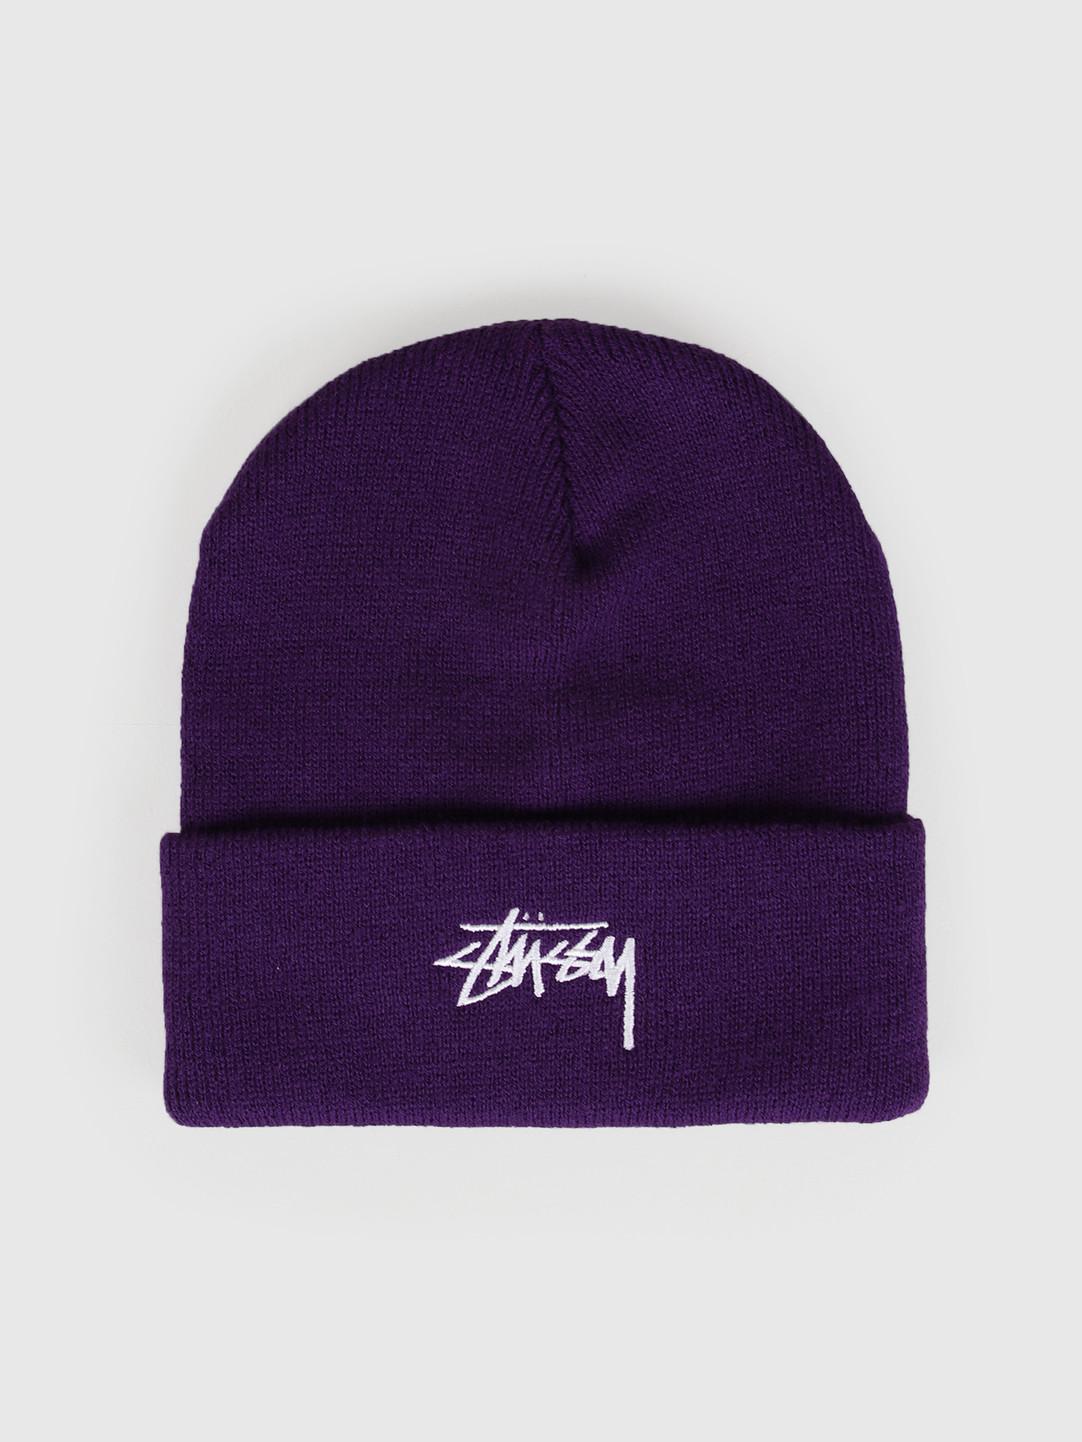 Stussy Stussy Fa19 Stock Cuff Beanie Purple 132935